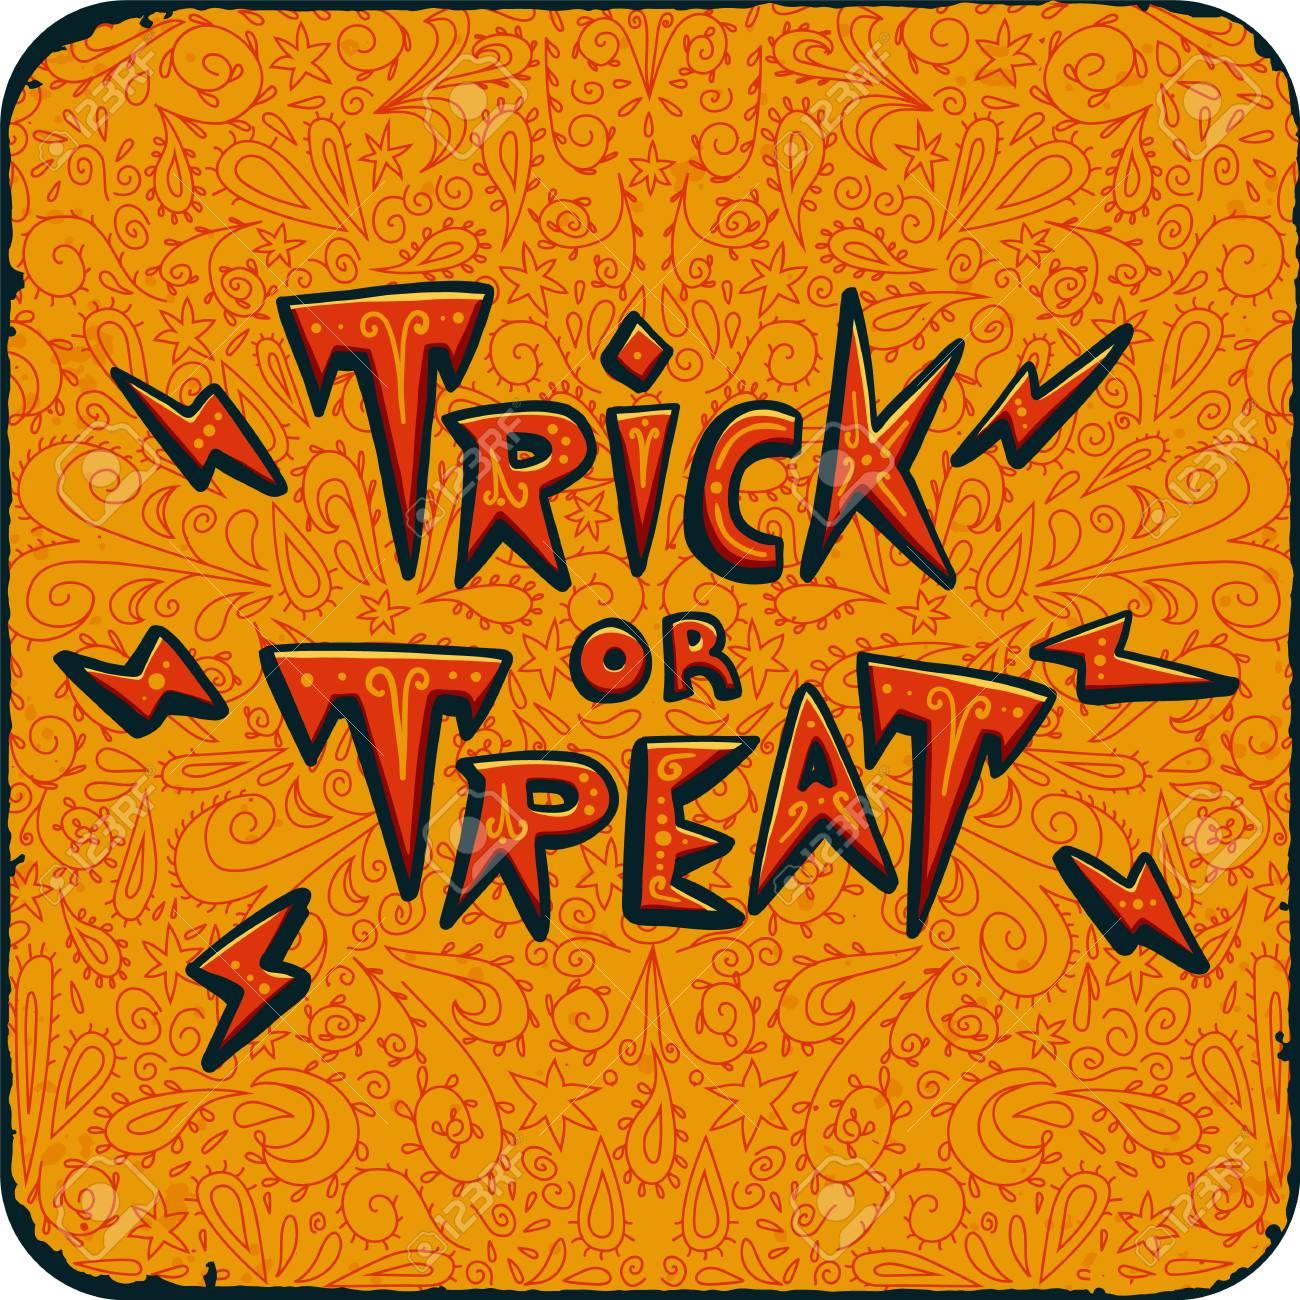 Fiesta De La Noche De Halloween Tarjeta Vintage Con Truco O Invitación De Texto Sobre Fondo Naranja De Patrón Tarjeta De Invitación De La Fiesta De